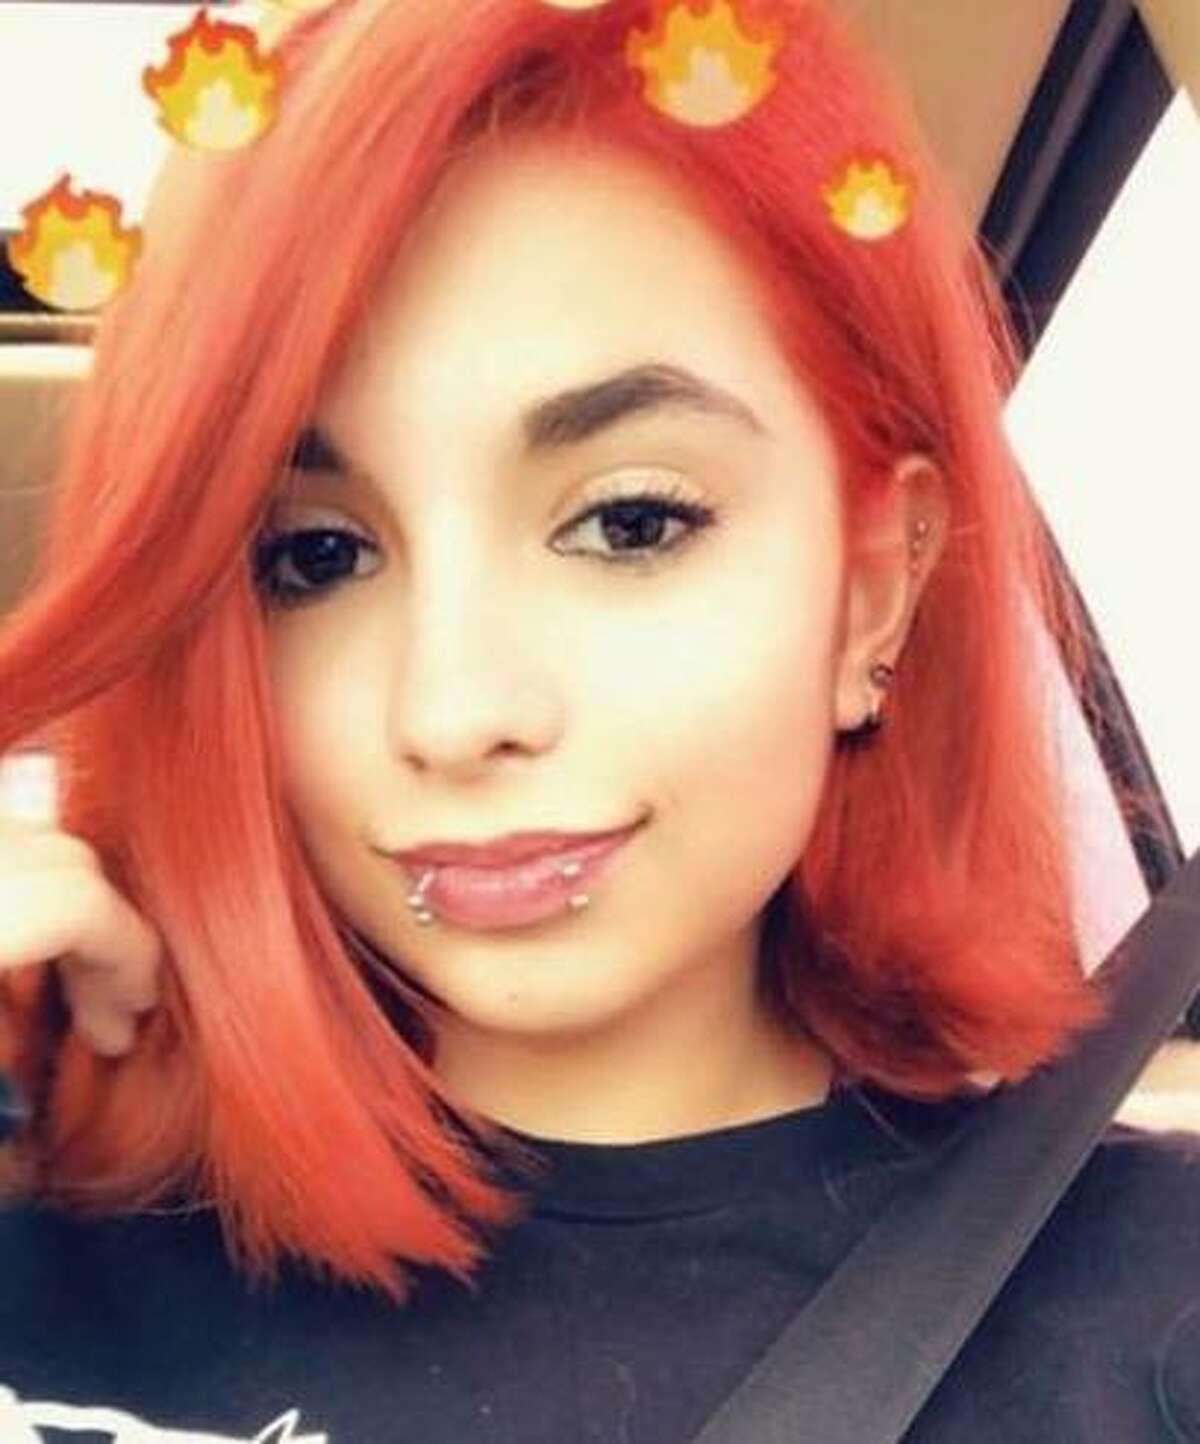 Angelique Ramirez, 15